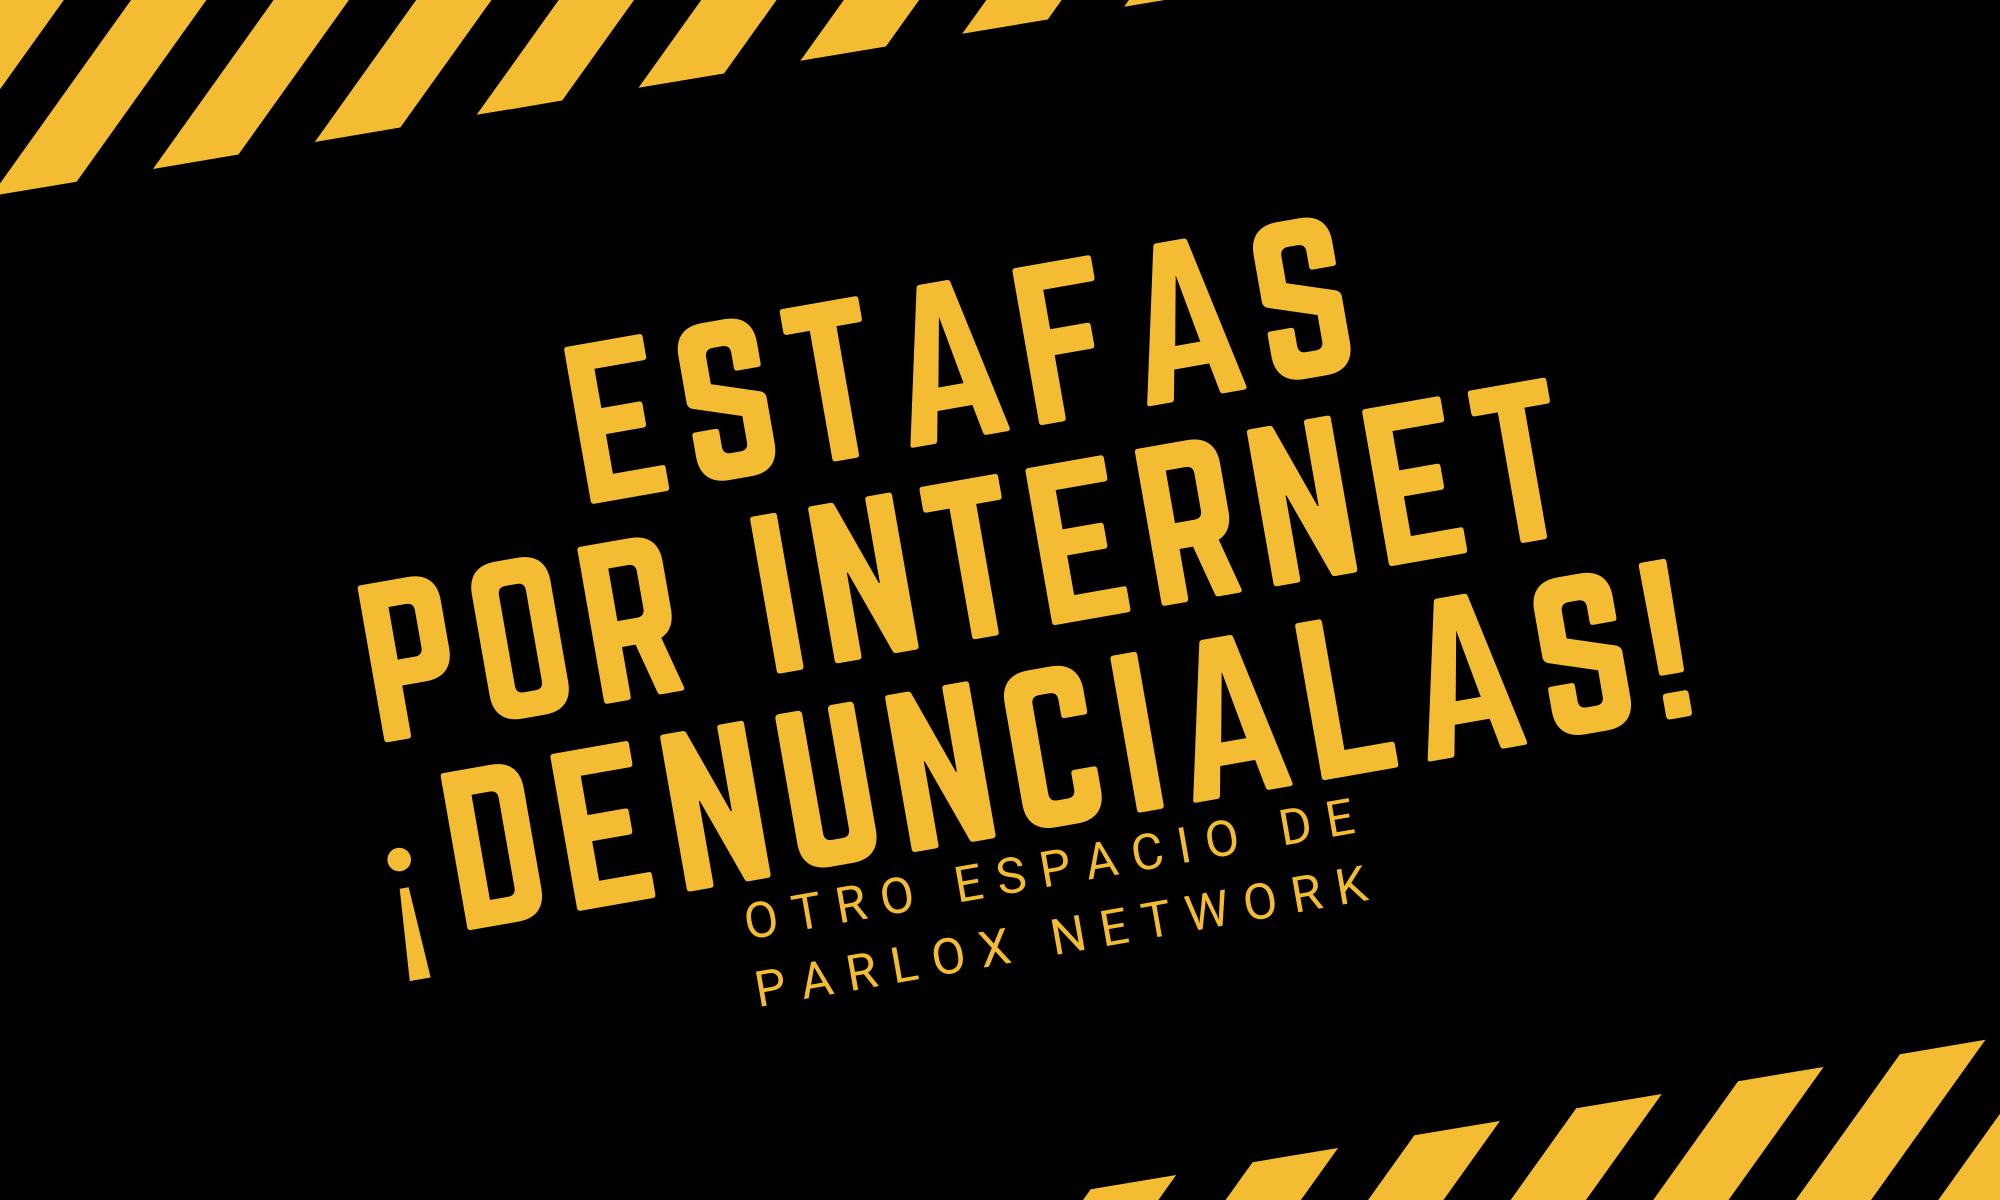 Estafas por Internet ¡Denúncialas!